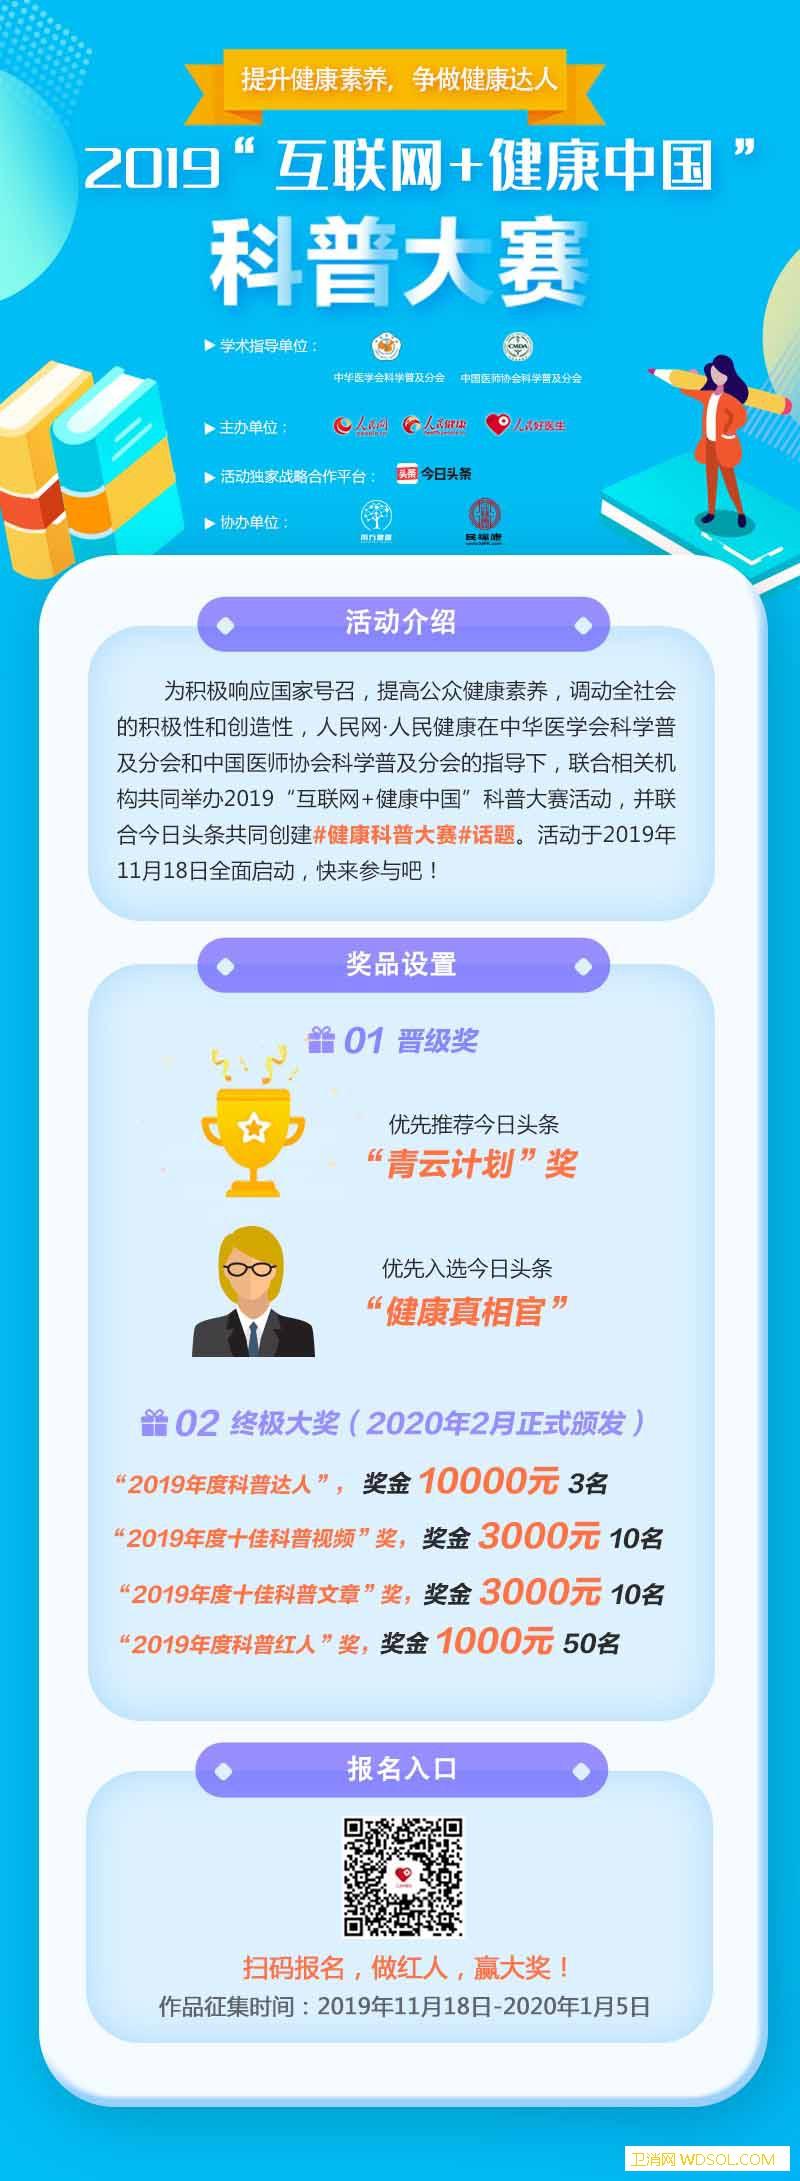 """第一届""""互联网+健康中国""""科普大赛邀您共同_科普-互联网-科学普及-健康"""